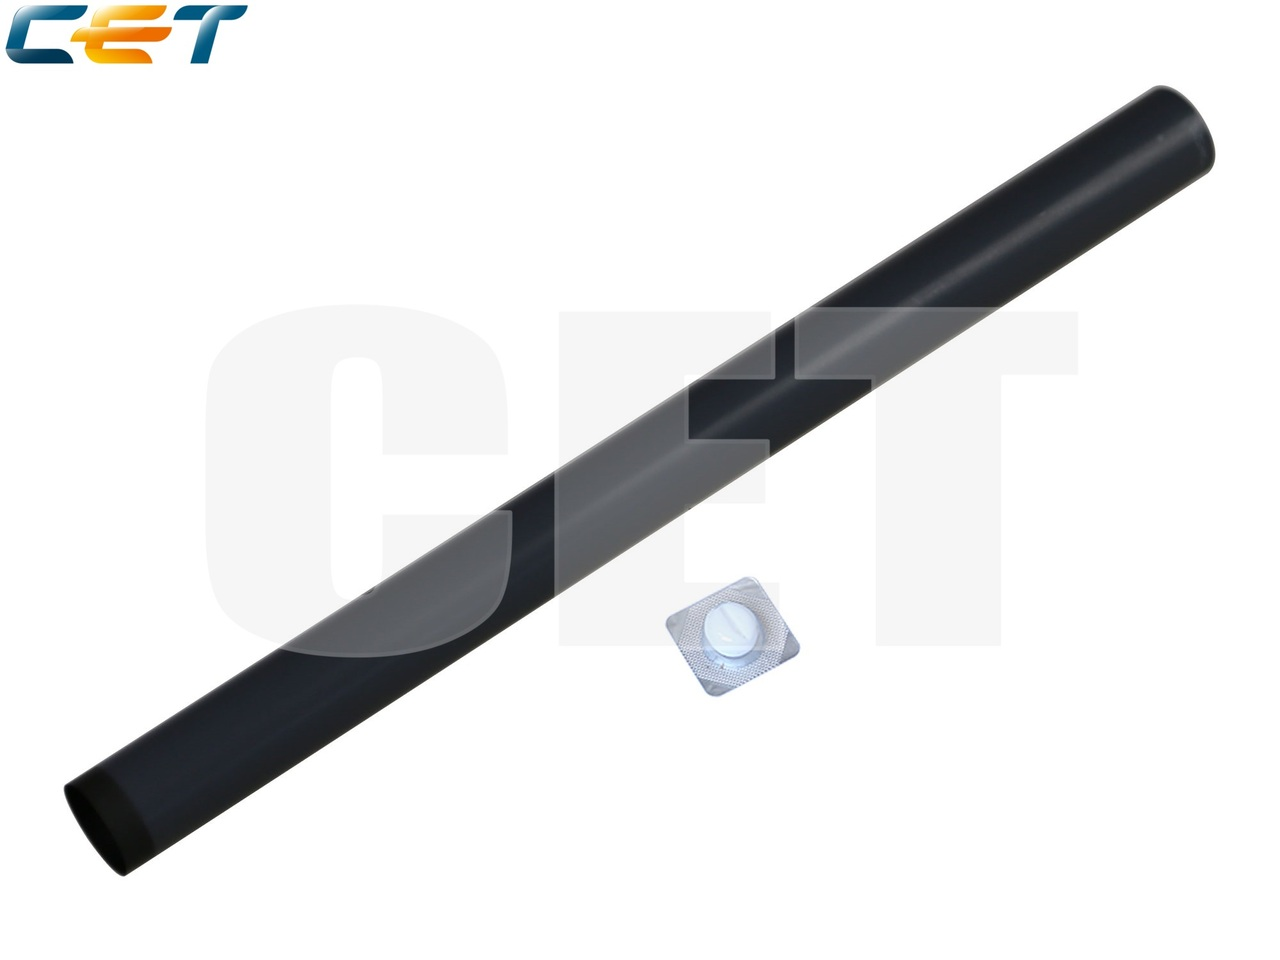 Термопленка для HP LaserJet P2035/P2055/P1102/P1606,M401/M425/M125/M126/M201/M225/M402/M426 (CET), CET2706